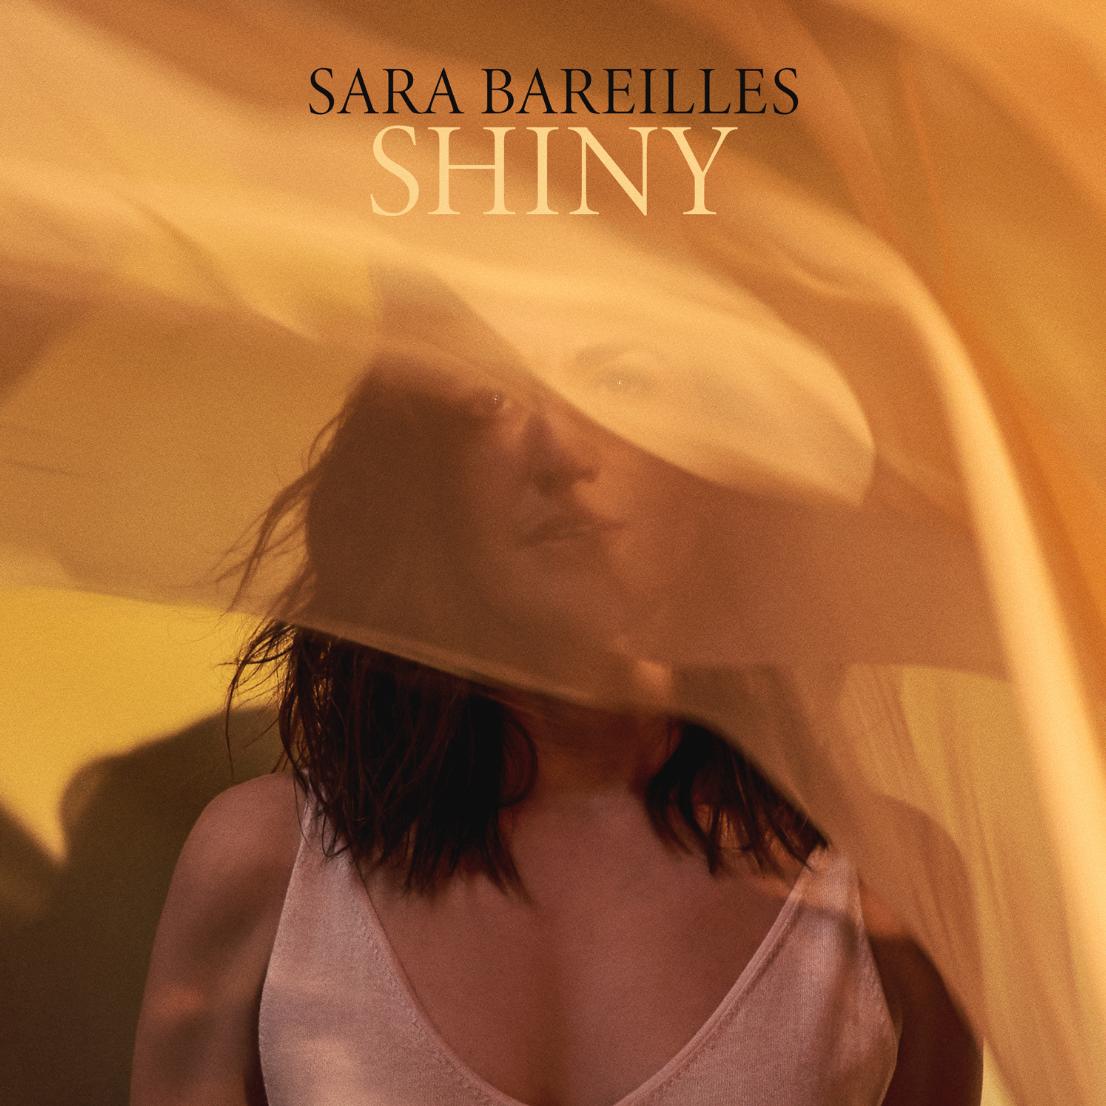 Sara-Bareilles-Shiny.png